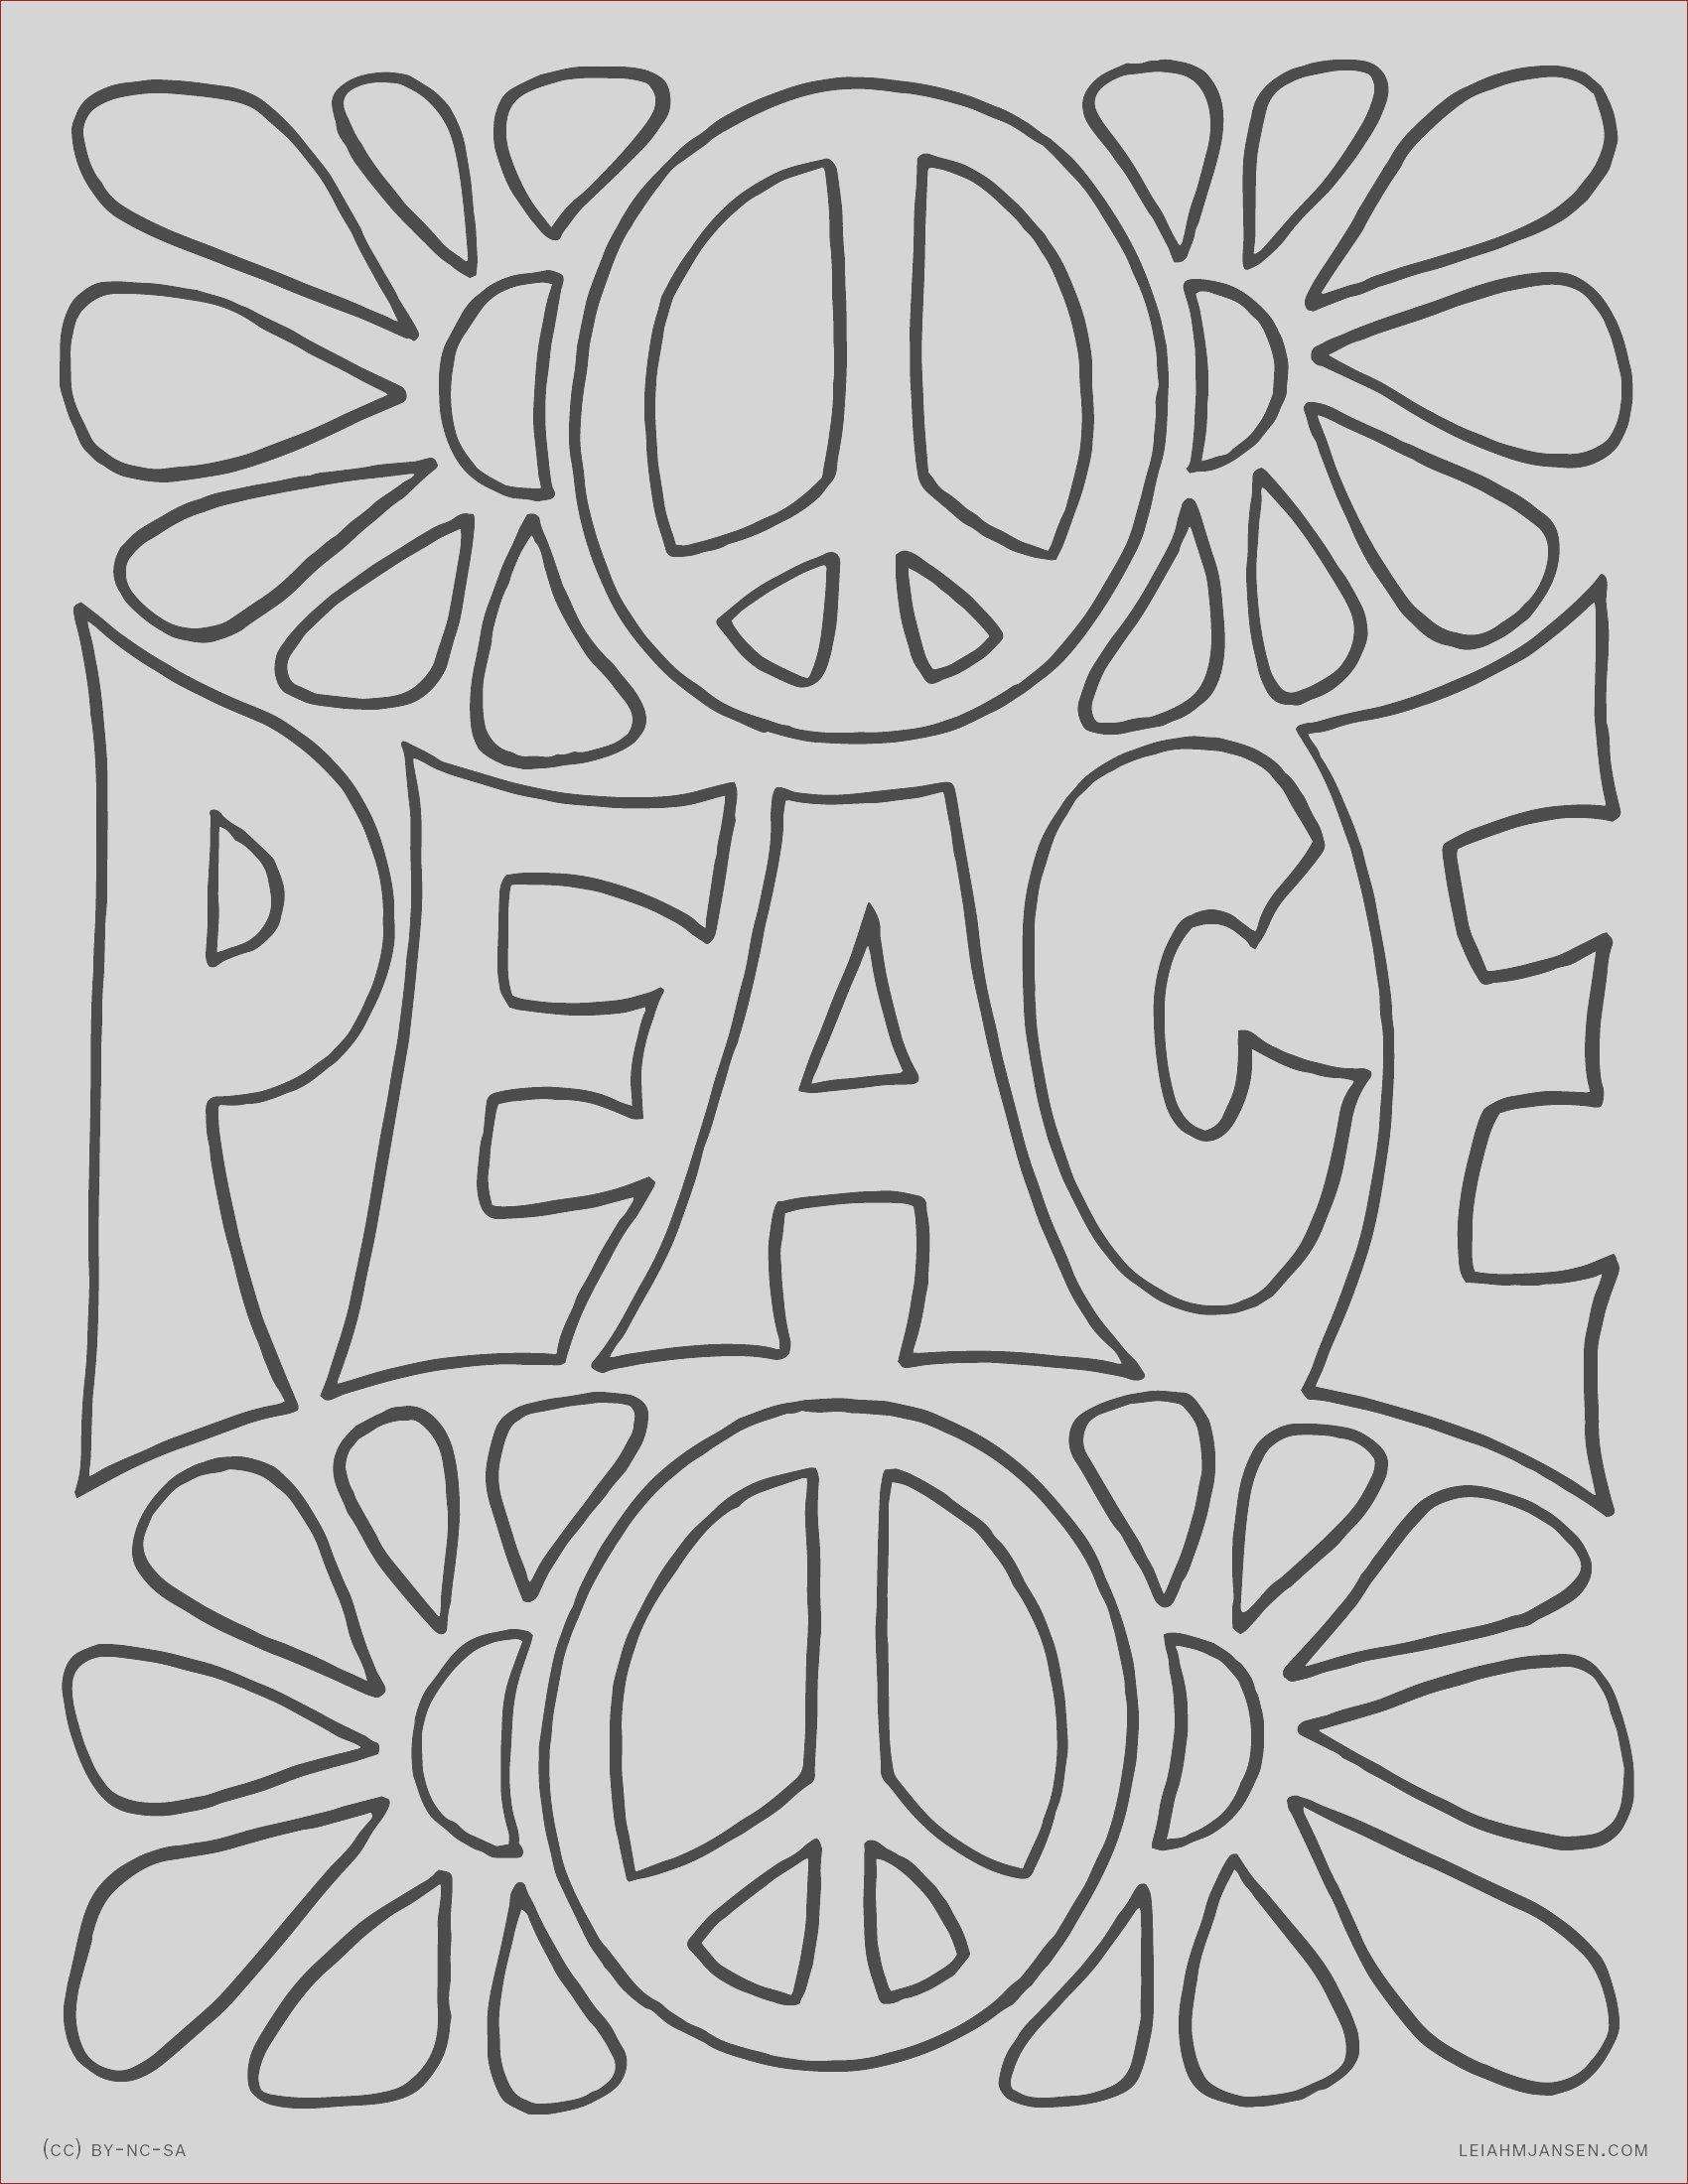 Simbolo Paz Para Colorear Coloring Pages Coloring Pages Inspirational Mandala Coloring Pages